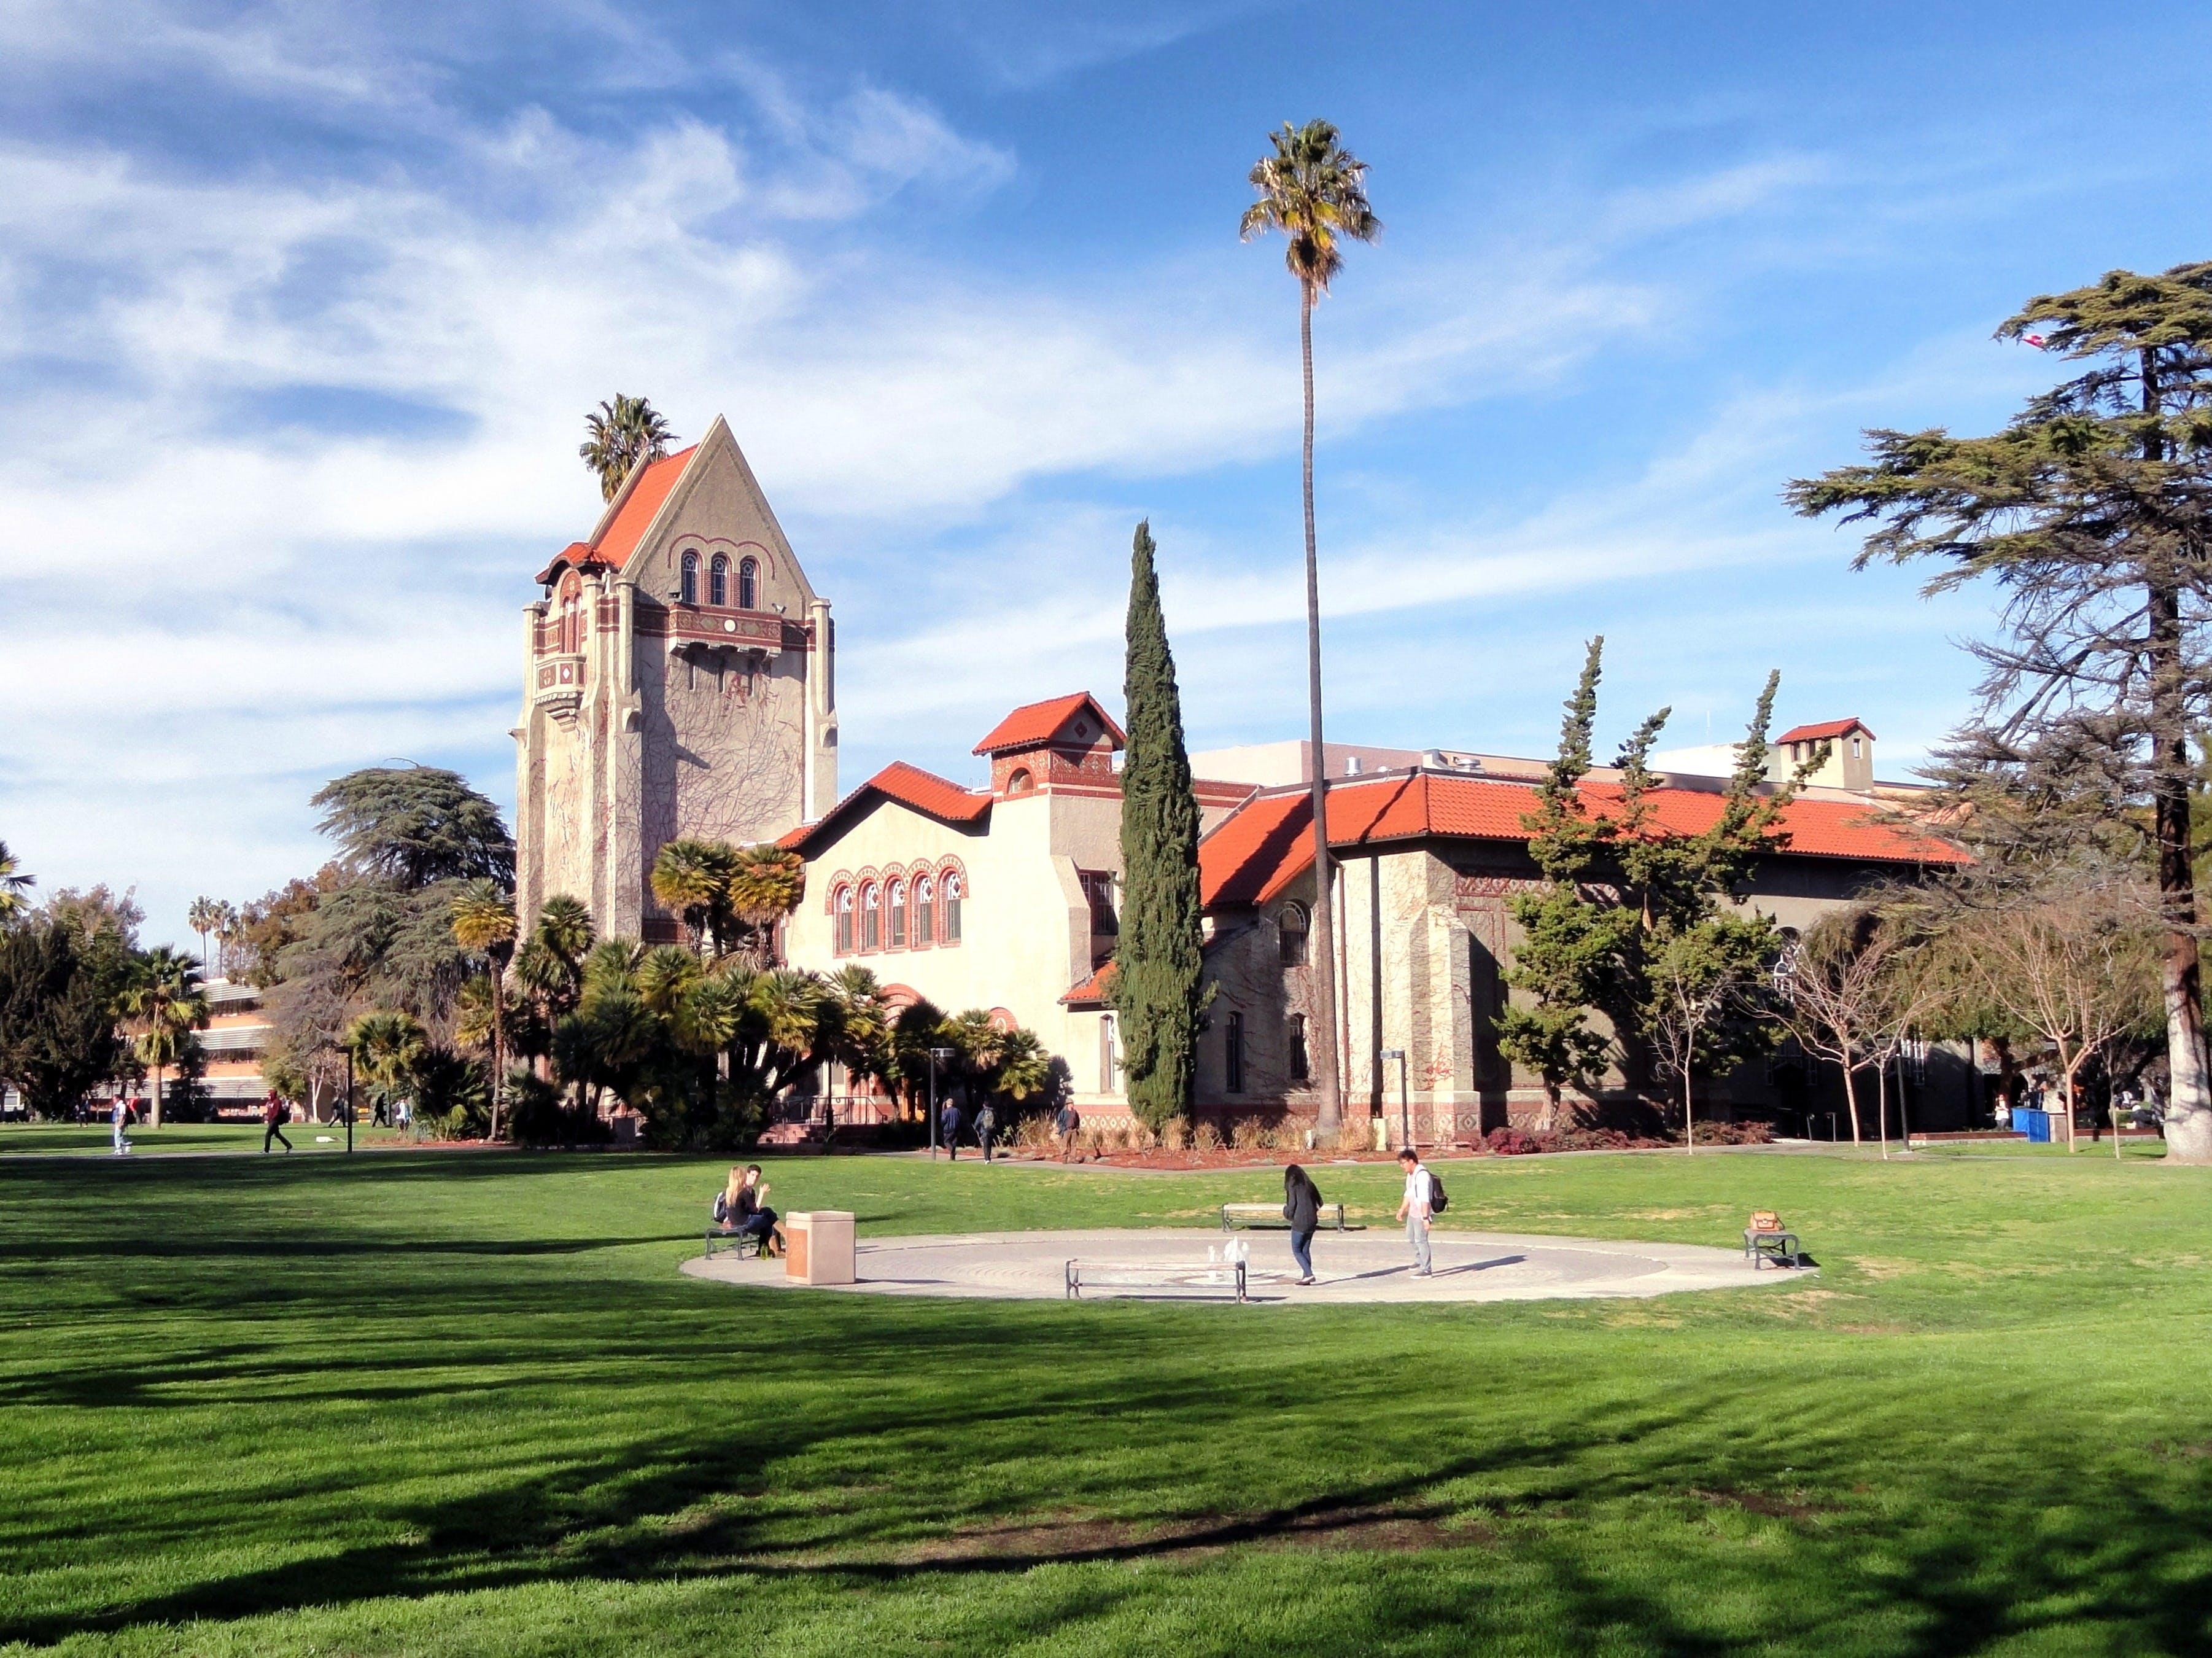 Kostenloses Stock Foto zu architektur, ausbildung, bäume, campus